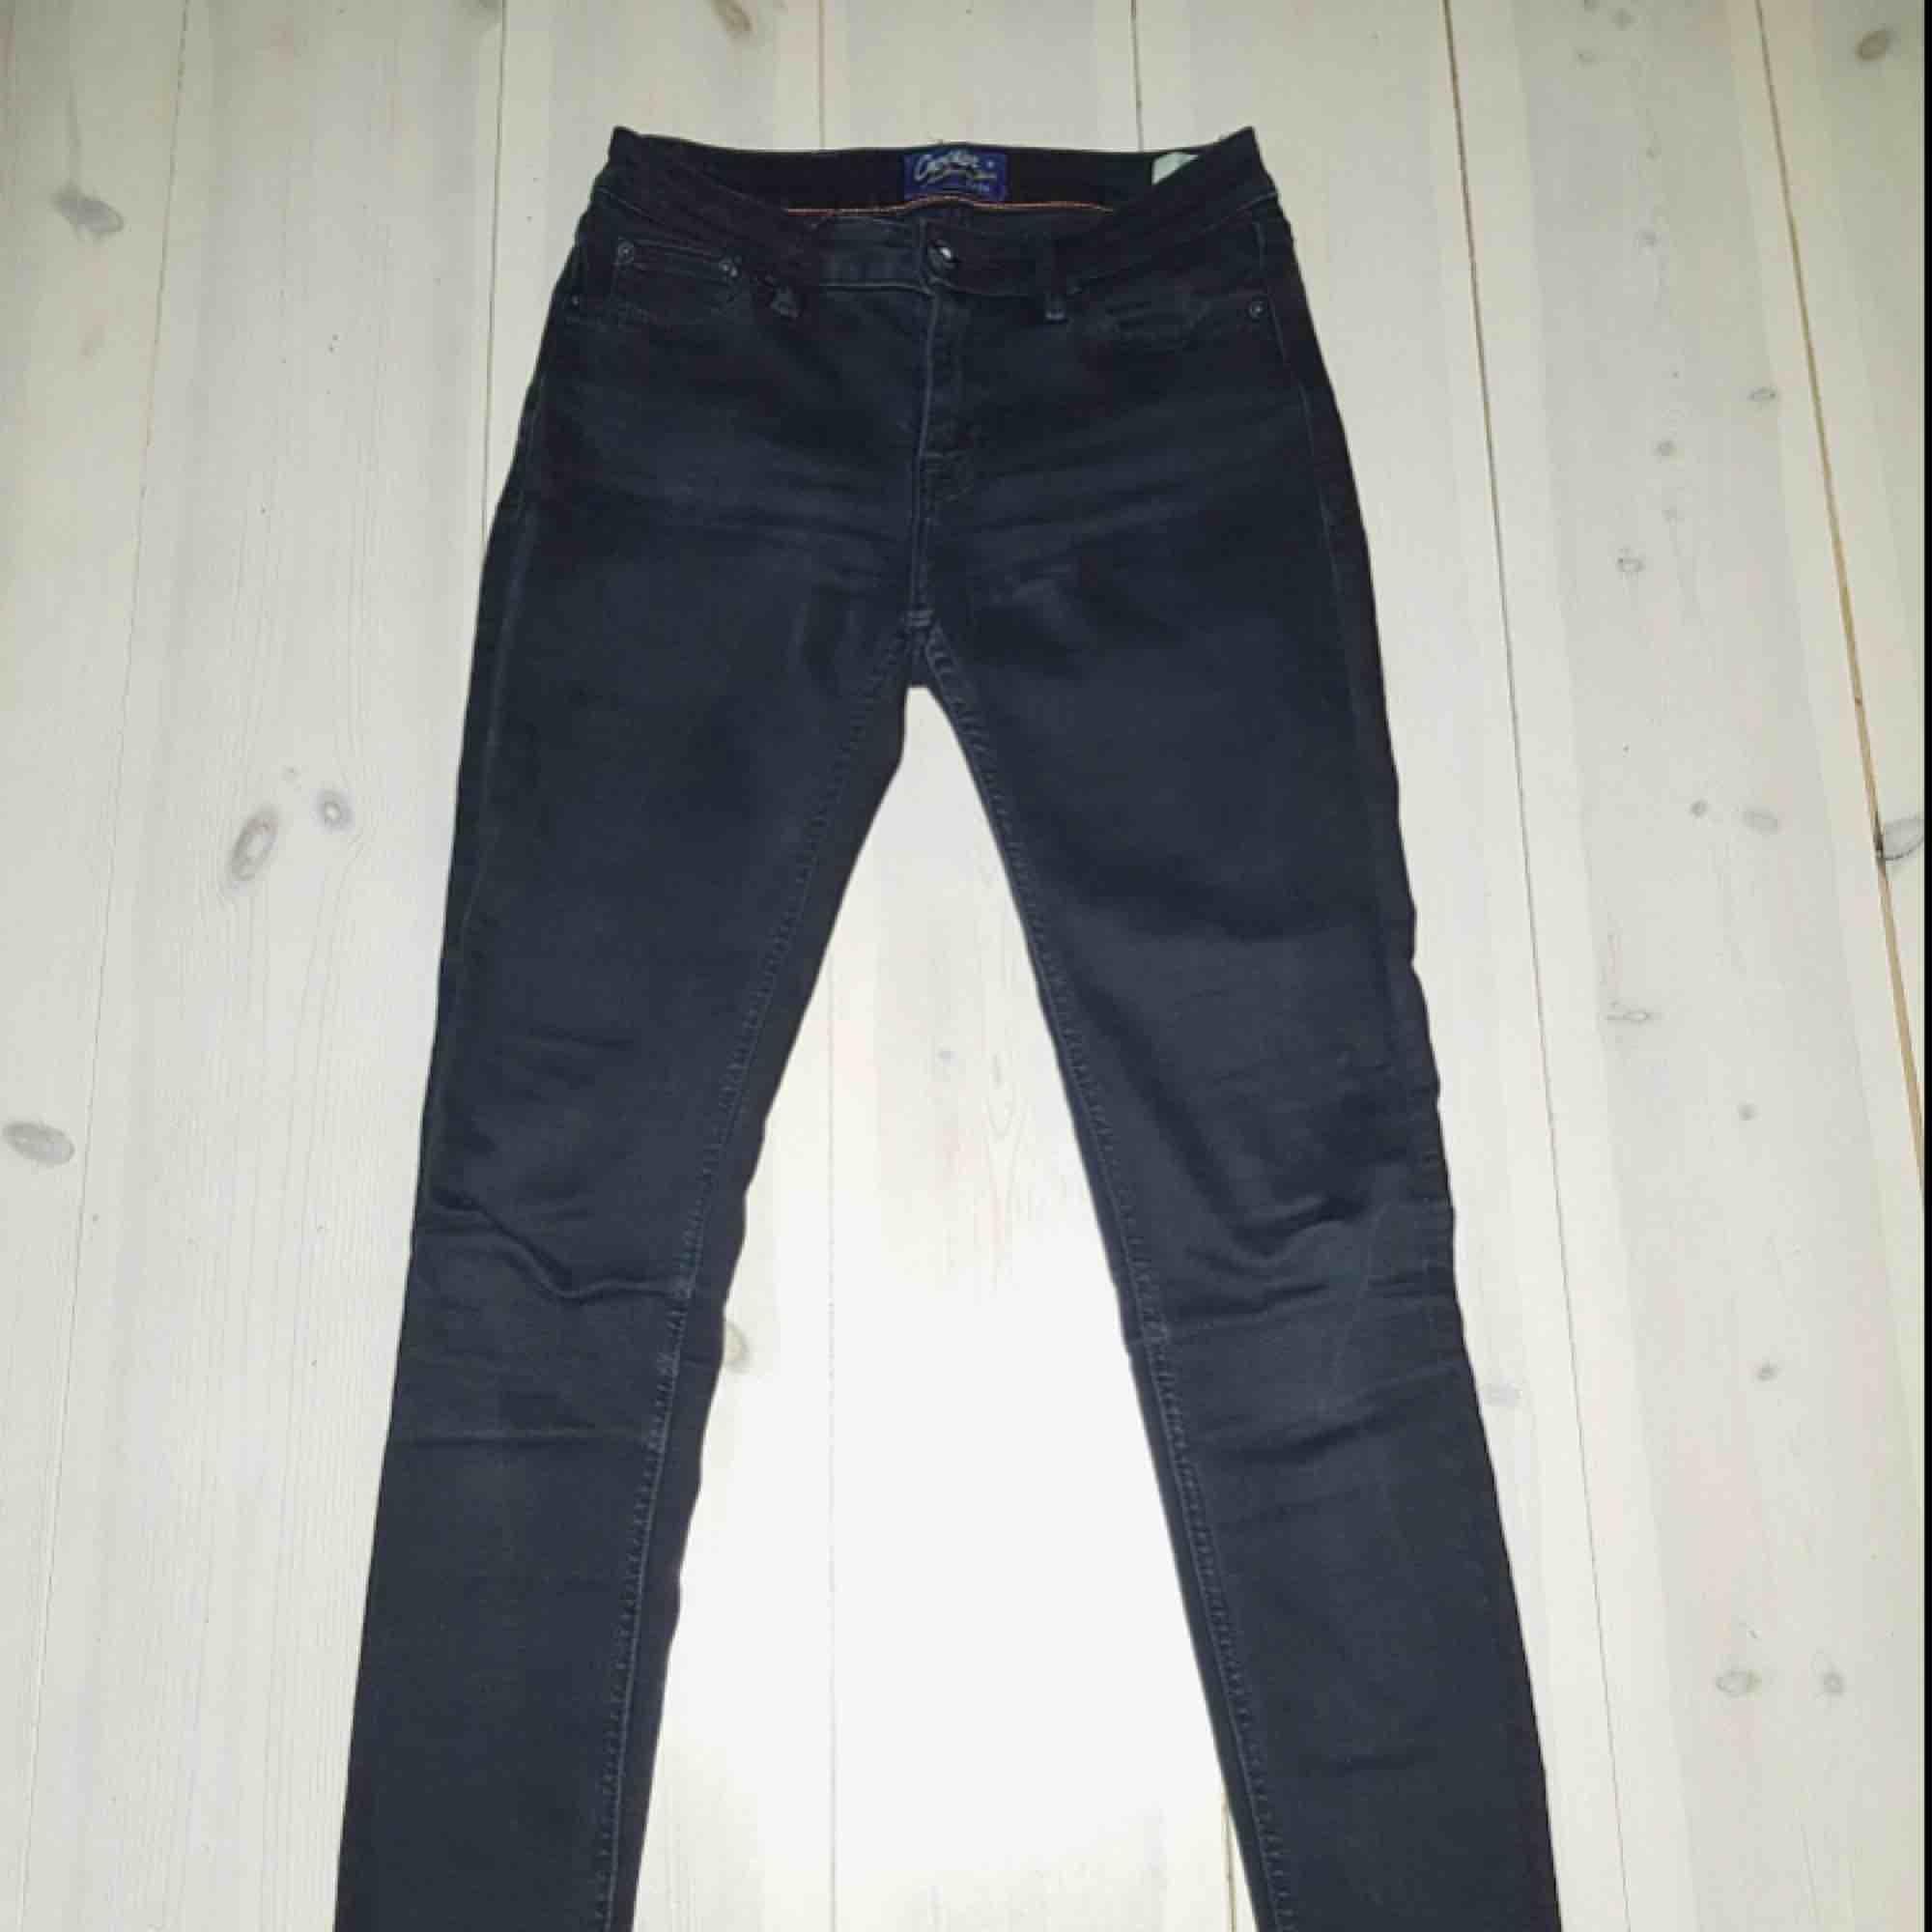 Säljer mina Crocker jeans som jag har haft ett tag. De är lite urtvättade men ser ändå bra ut! . De är i storlek 26/30 men jag skulle säga att det är en stor storlek. Brukar ha 25 i midjan oftast!  Passform: Slimfit. Jeans & Byxor.